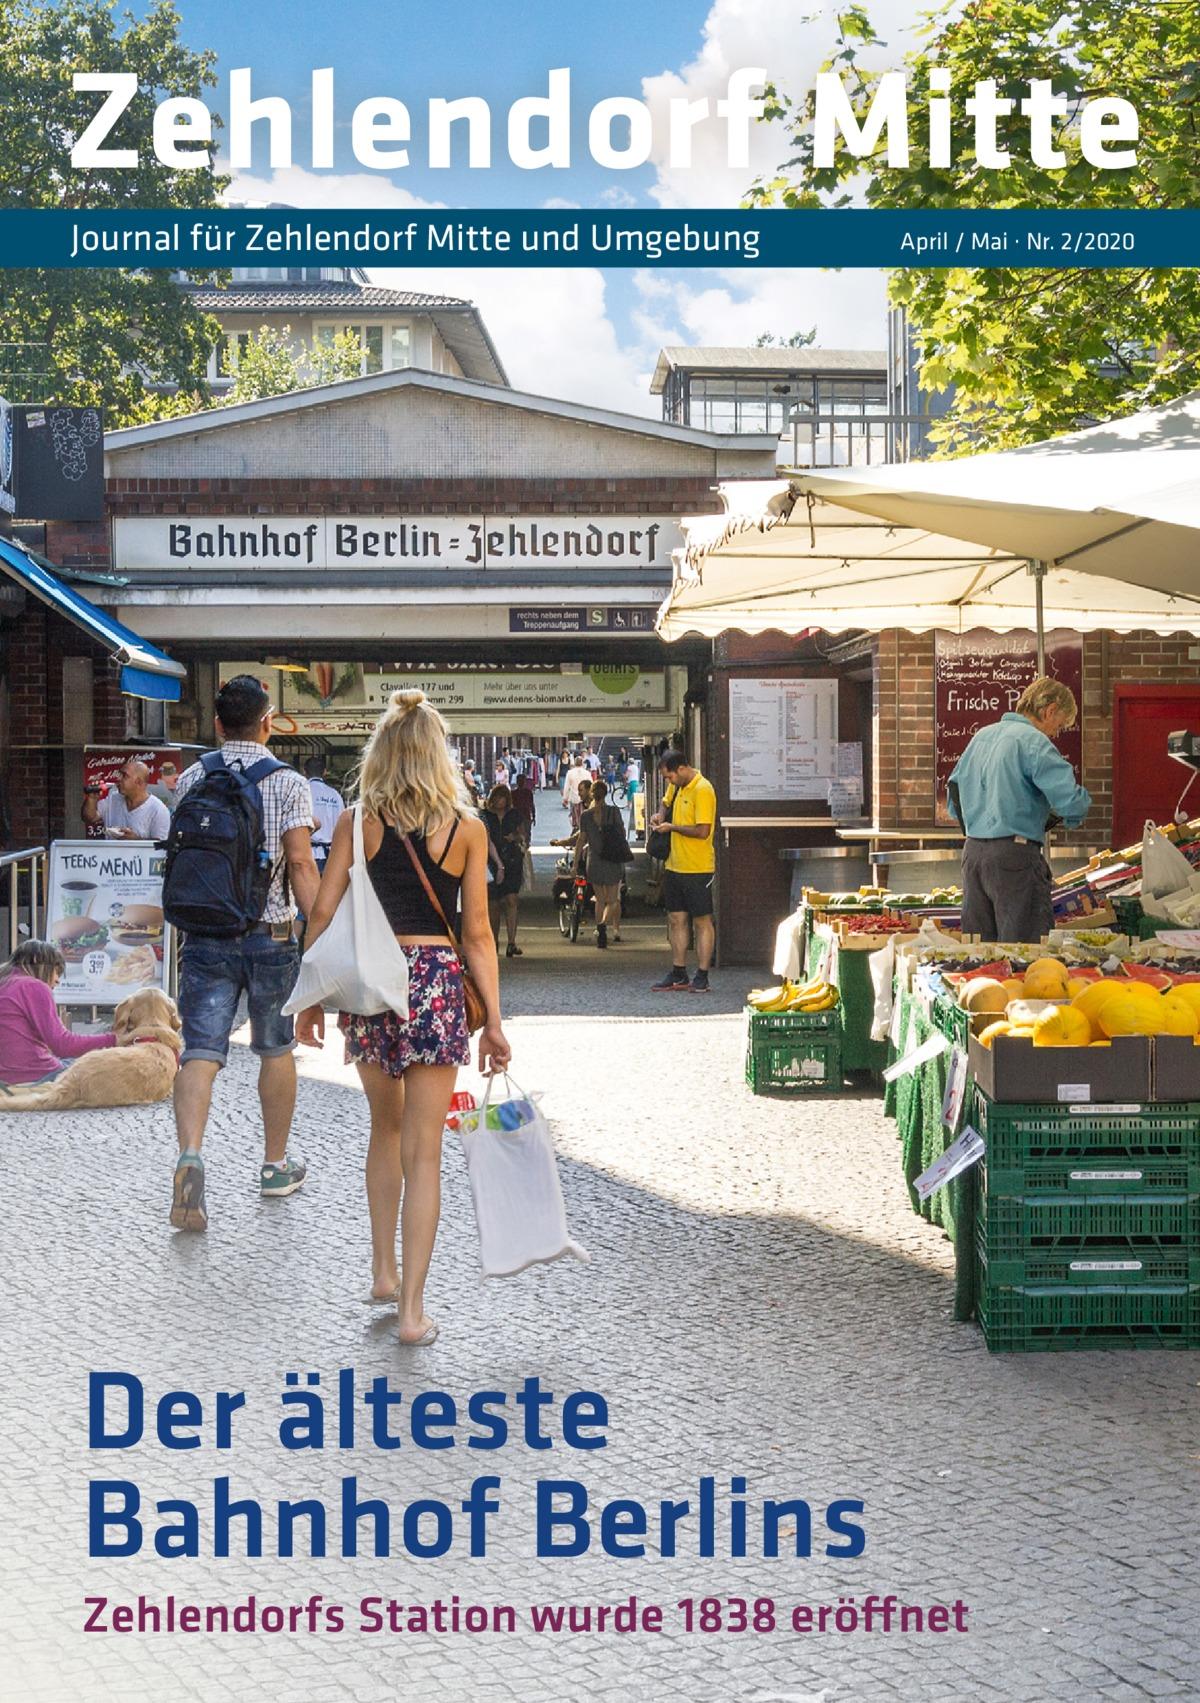 Zehlendorf Mitte Journal für Zehlendorf Mitte und Umgebung  April / Mai · Nr. 2/2020  Der älteste Bahnhof Berlins Zehlendorfs Station wurde 1838 eröffnet